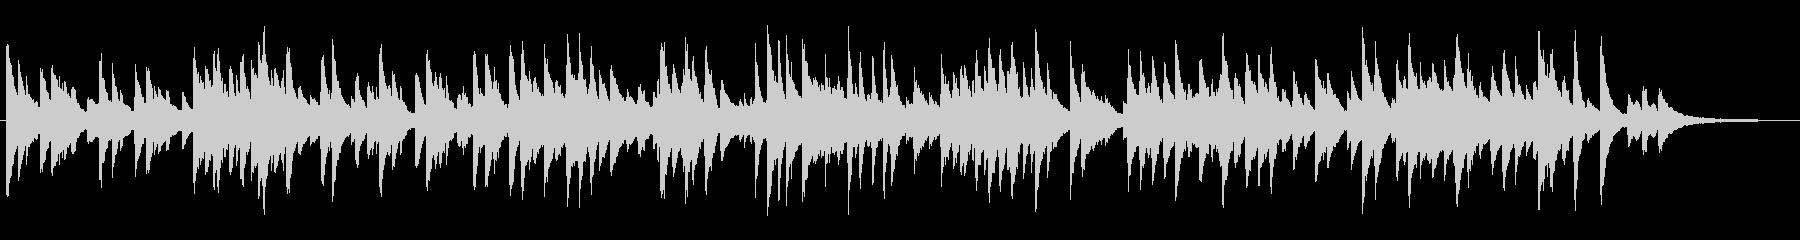 心地よいテンポのジャズラウンジピアノソロの未再生の波形